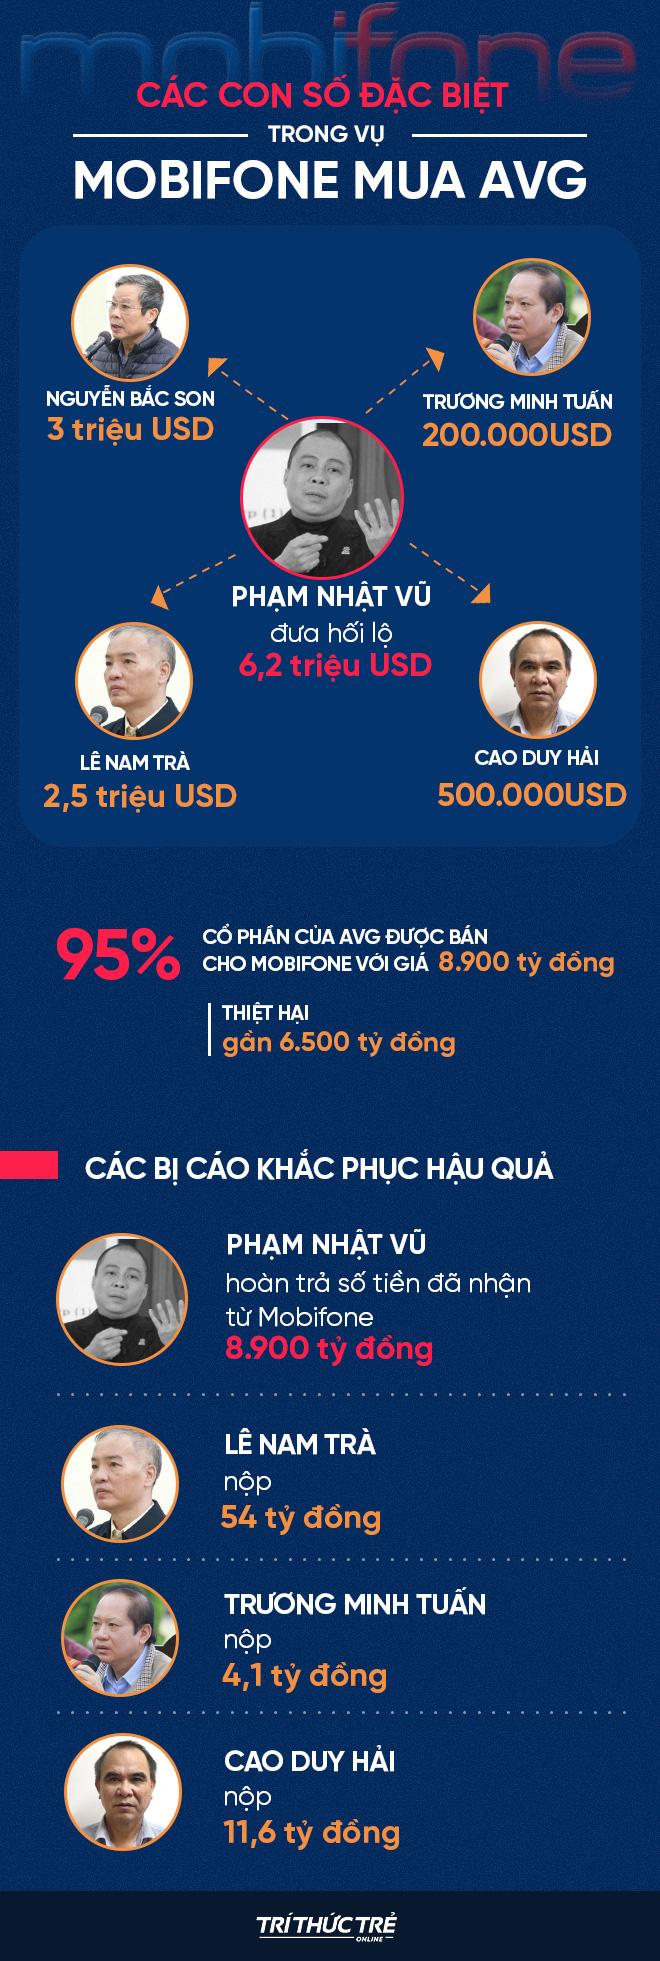 Vợ bị cáo Nguyễn Bắc Son có sổ tiết kiệm hơn 2 tỷ đồng nhưng là tiền cá nhân, để thuê luật sư, không thể khắc phục hậu quả - Ảnh 2.